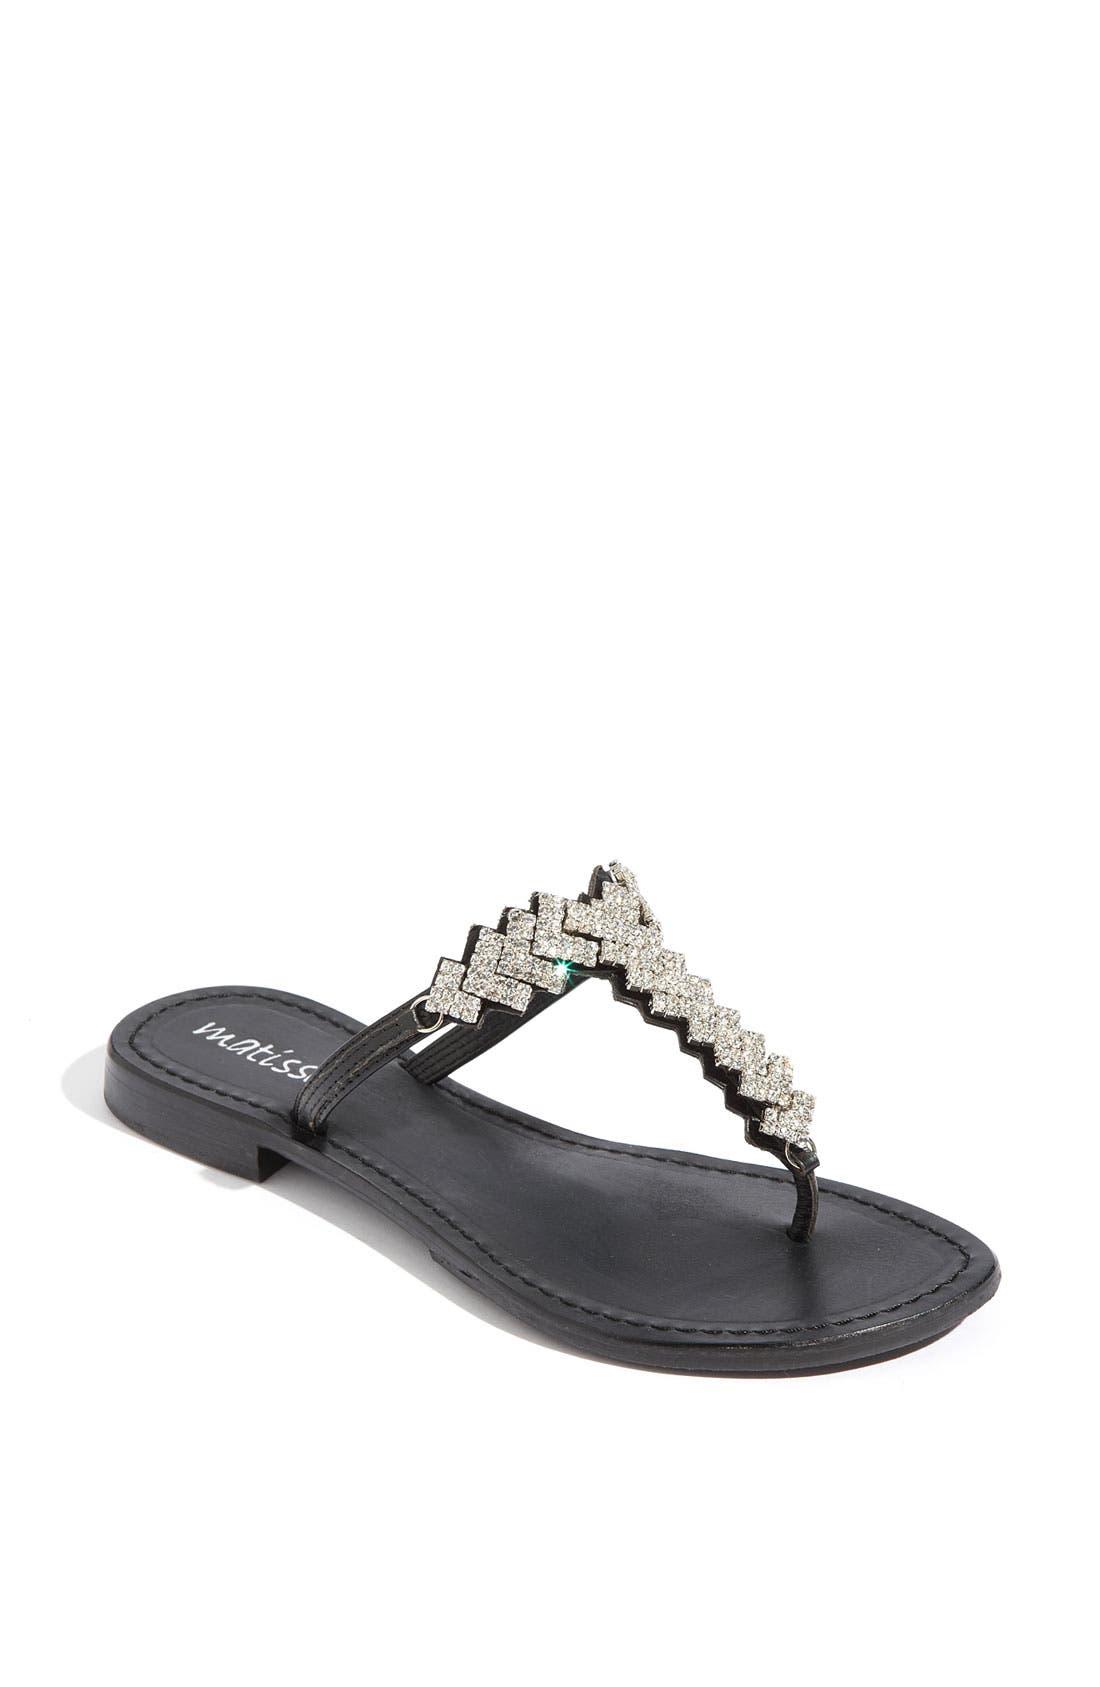 Main Image - Matisse 'Tiarra' Sandal